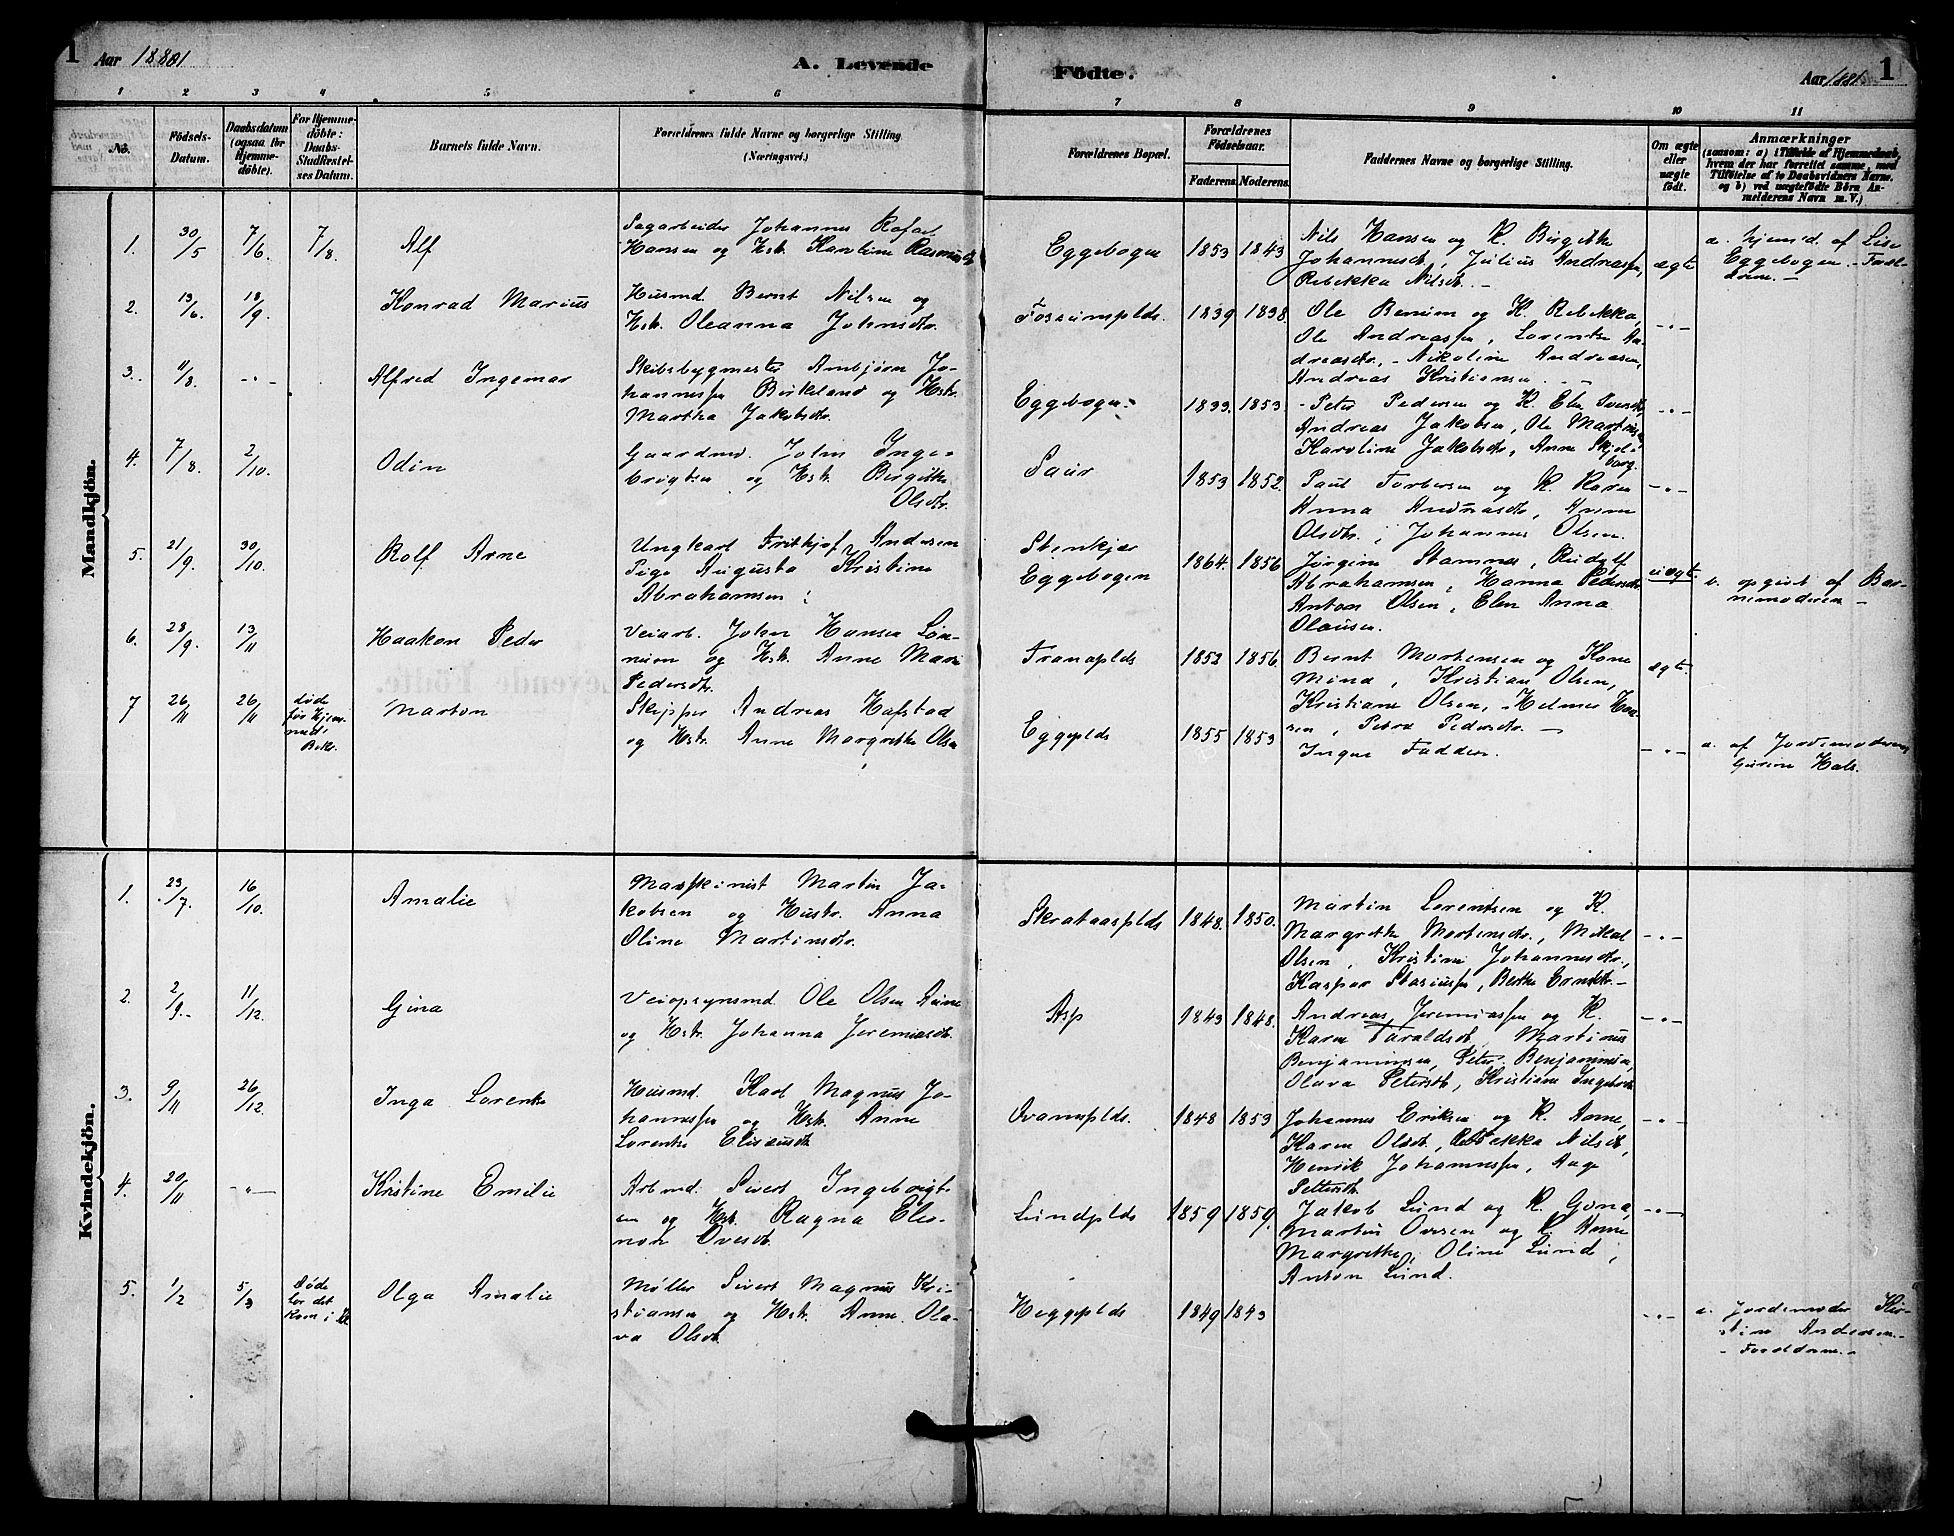 SAT, Ministerialprotokoller, klokkerbøker og fødselsregistre - Nord-Trøndelag, 740/L0378: Ministerialbok nr. 740A01, 1881-1895, s. 1